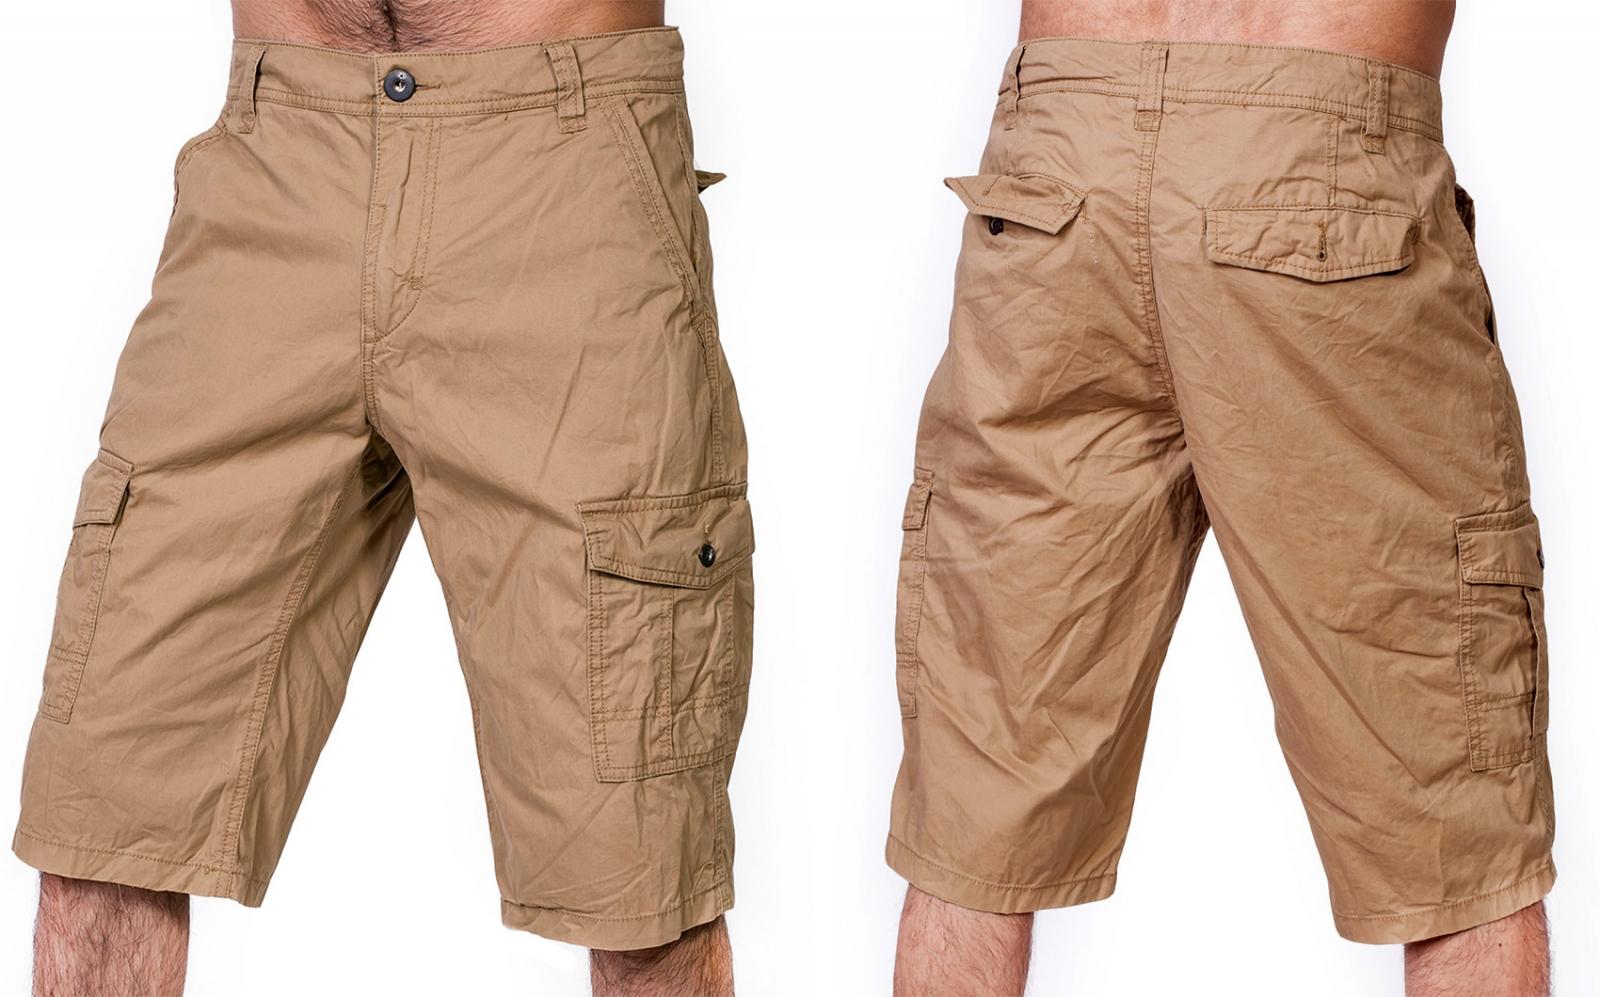 Мужские шорты бермуды Celio - купить онлайн